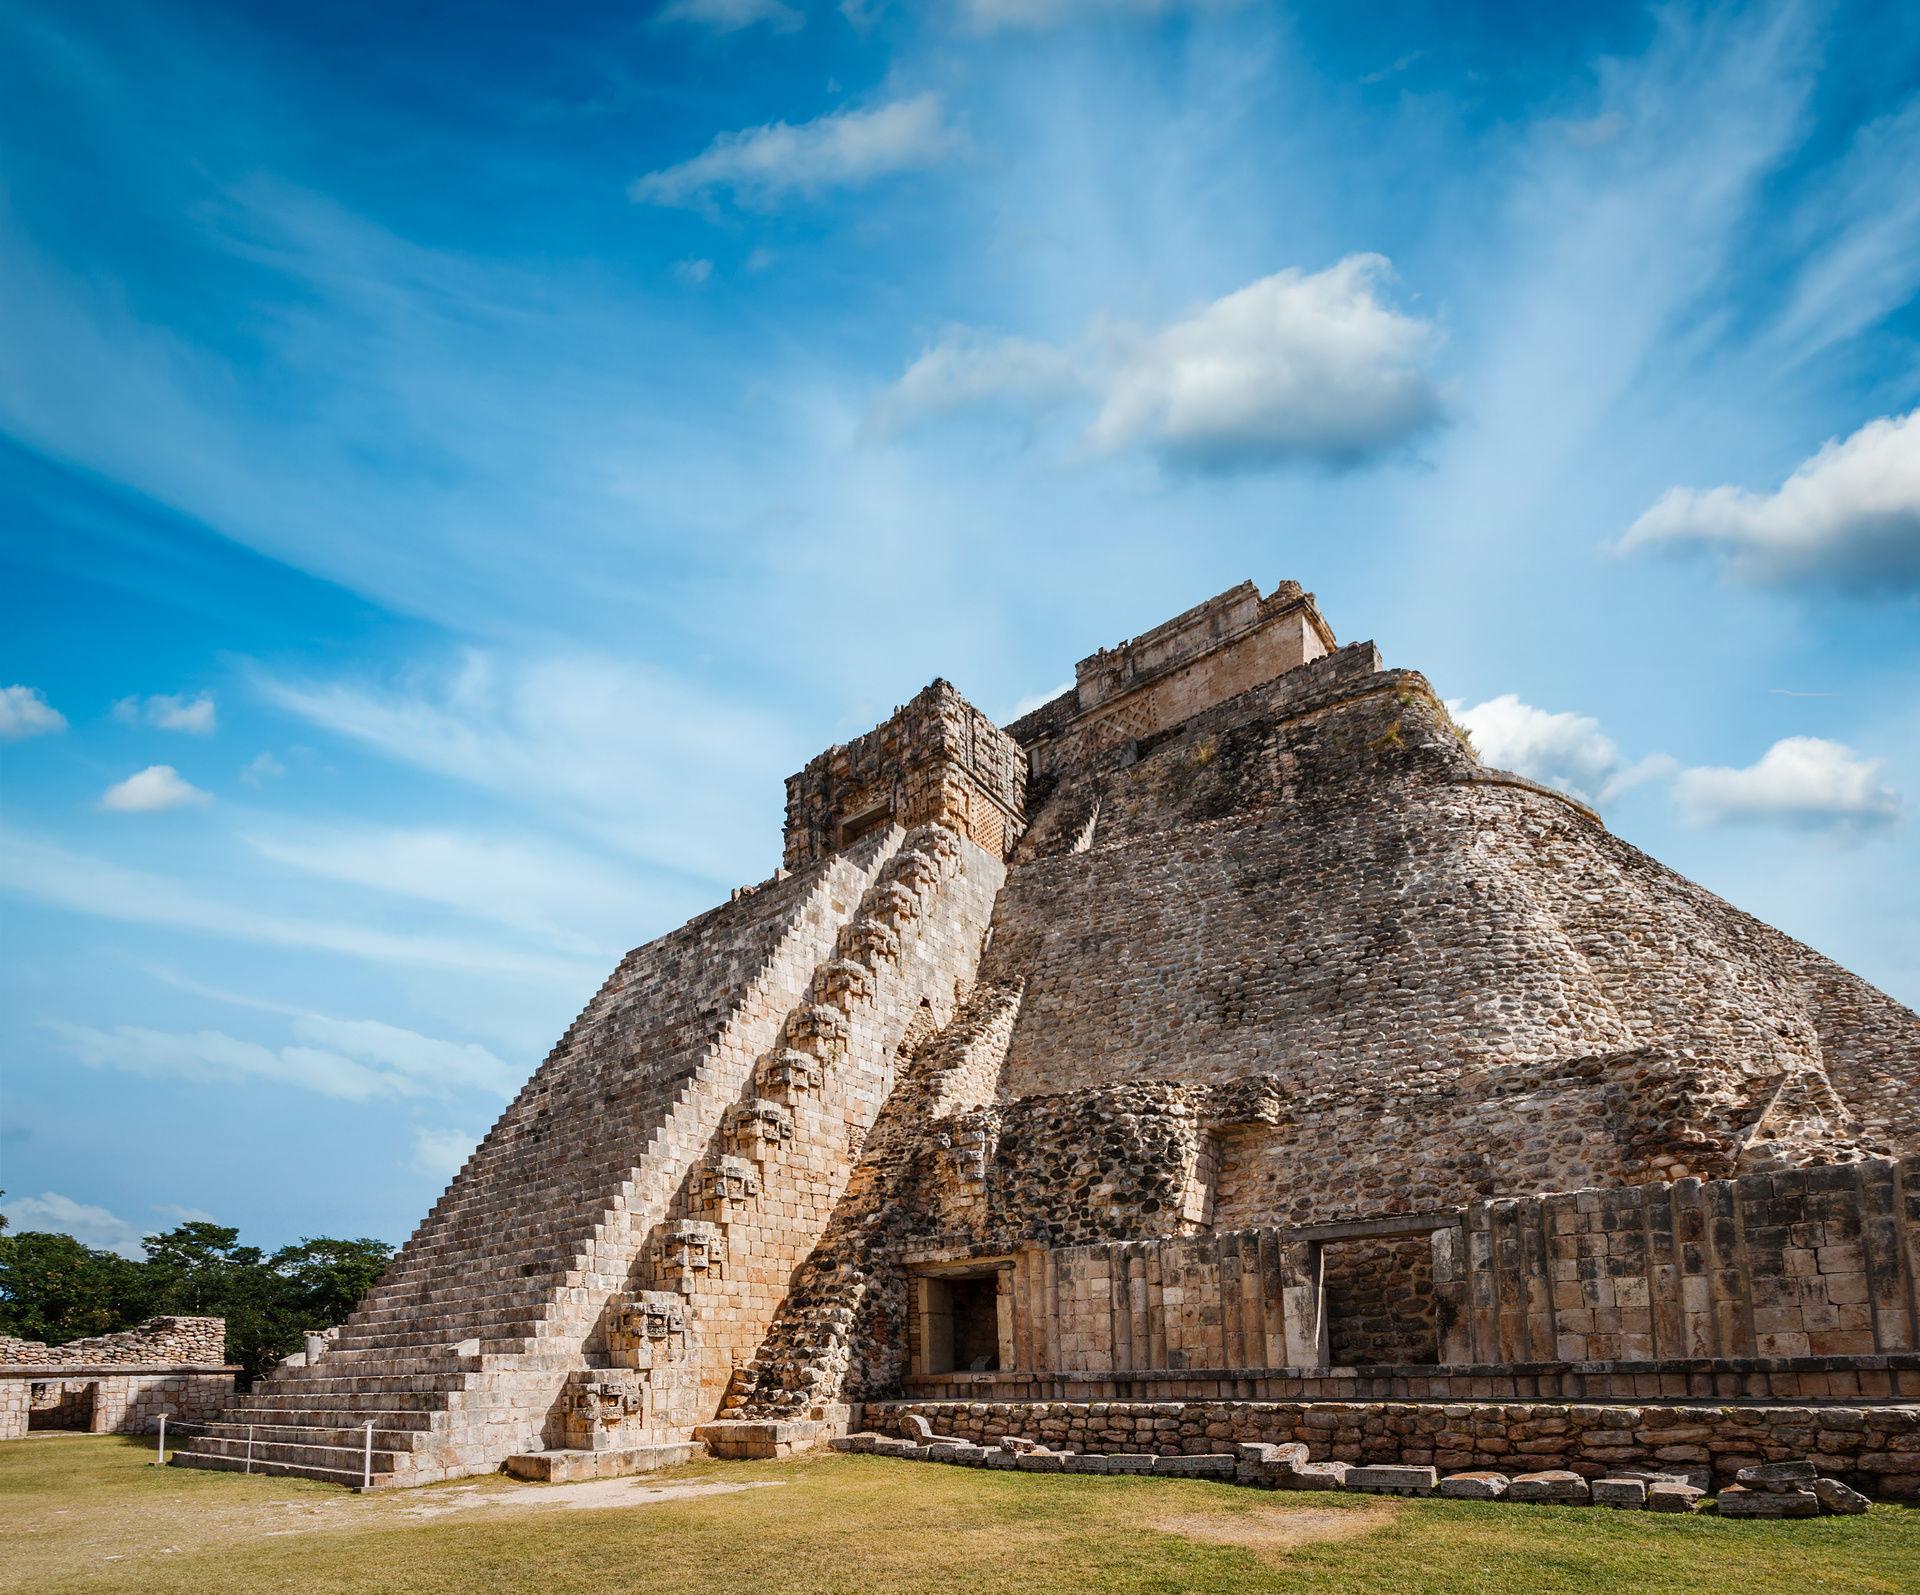 Mexique - Autotour Mexique 6 nuits + extension au Blue Bay Esmeralda 5*